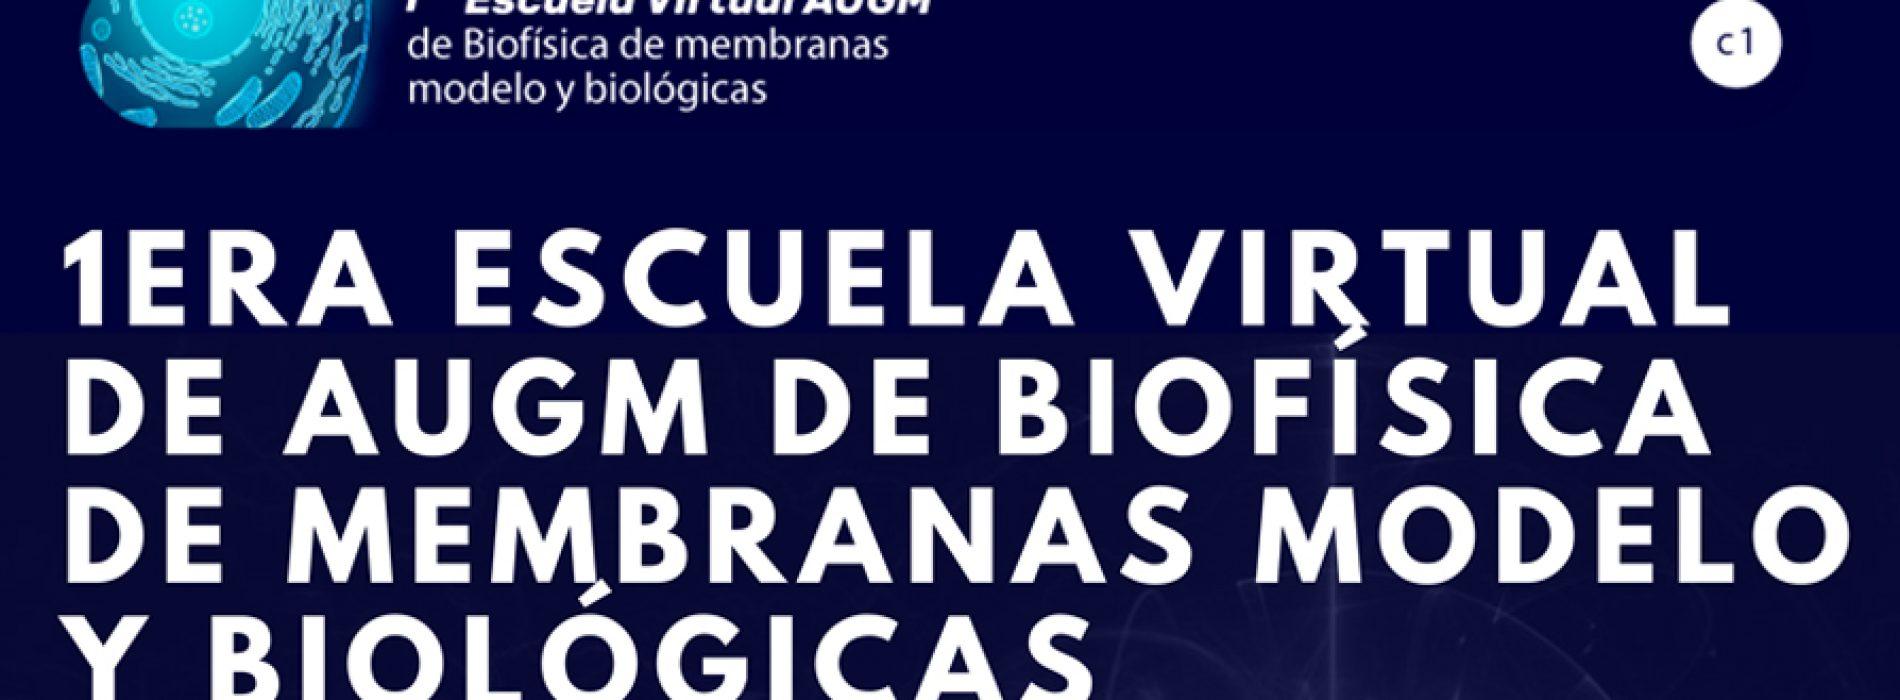 1ra Escuela Virtual AUGM de Biofísica de Membranas Modelo y Biológicas